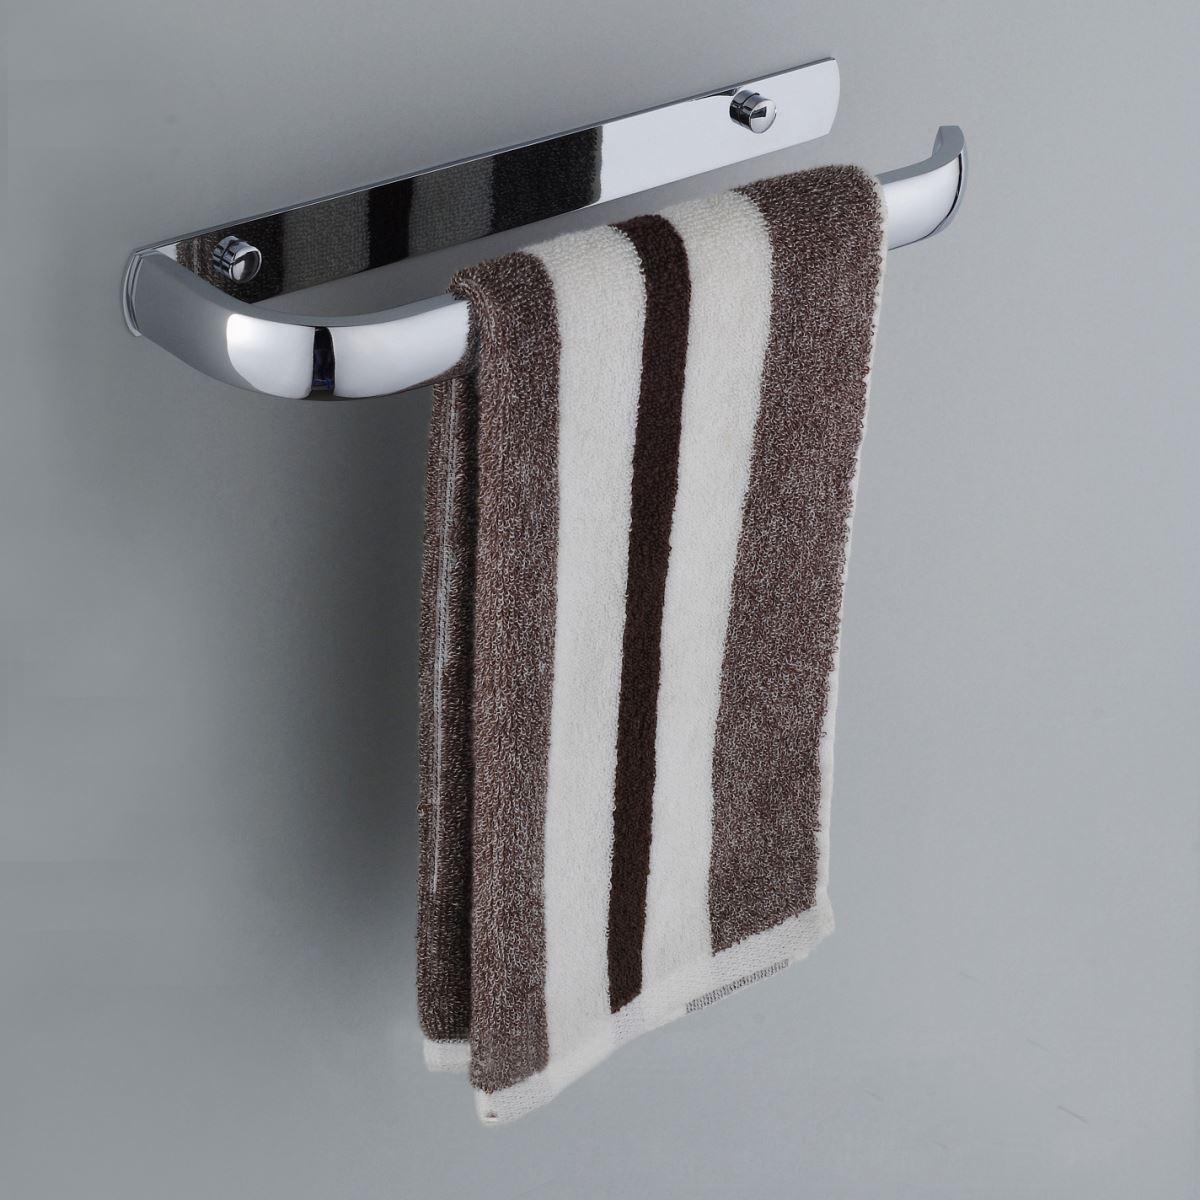 Giá treo khăn inox304 cao cấp vô cùng tiện lợi cho phòng tắm 9060